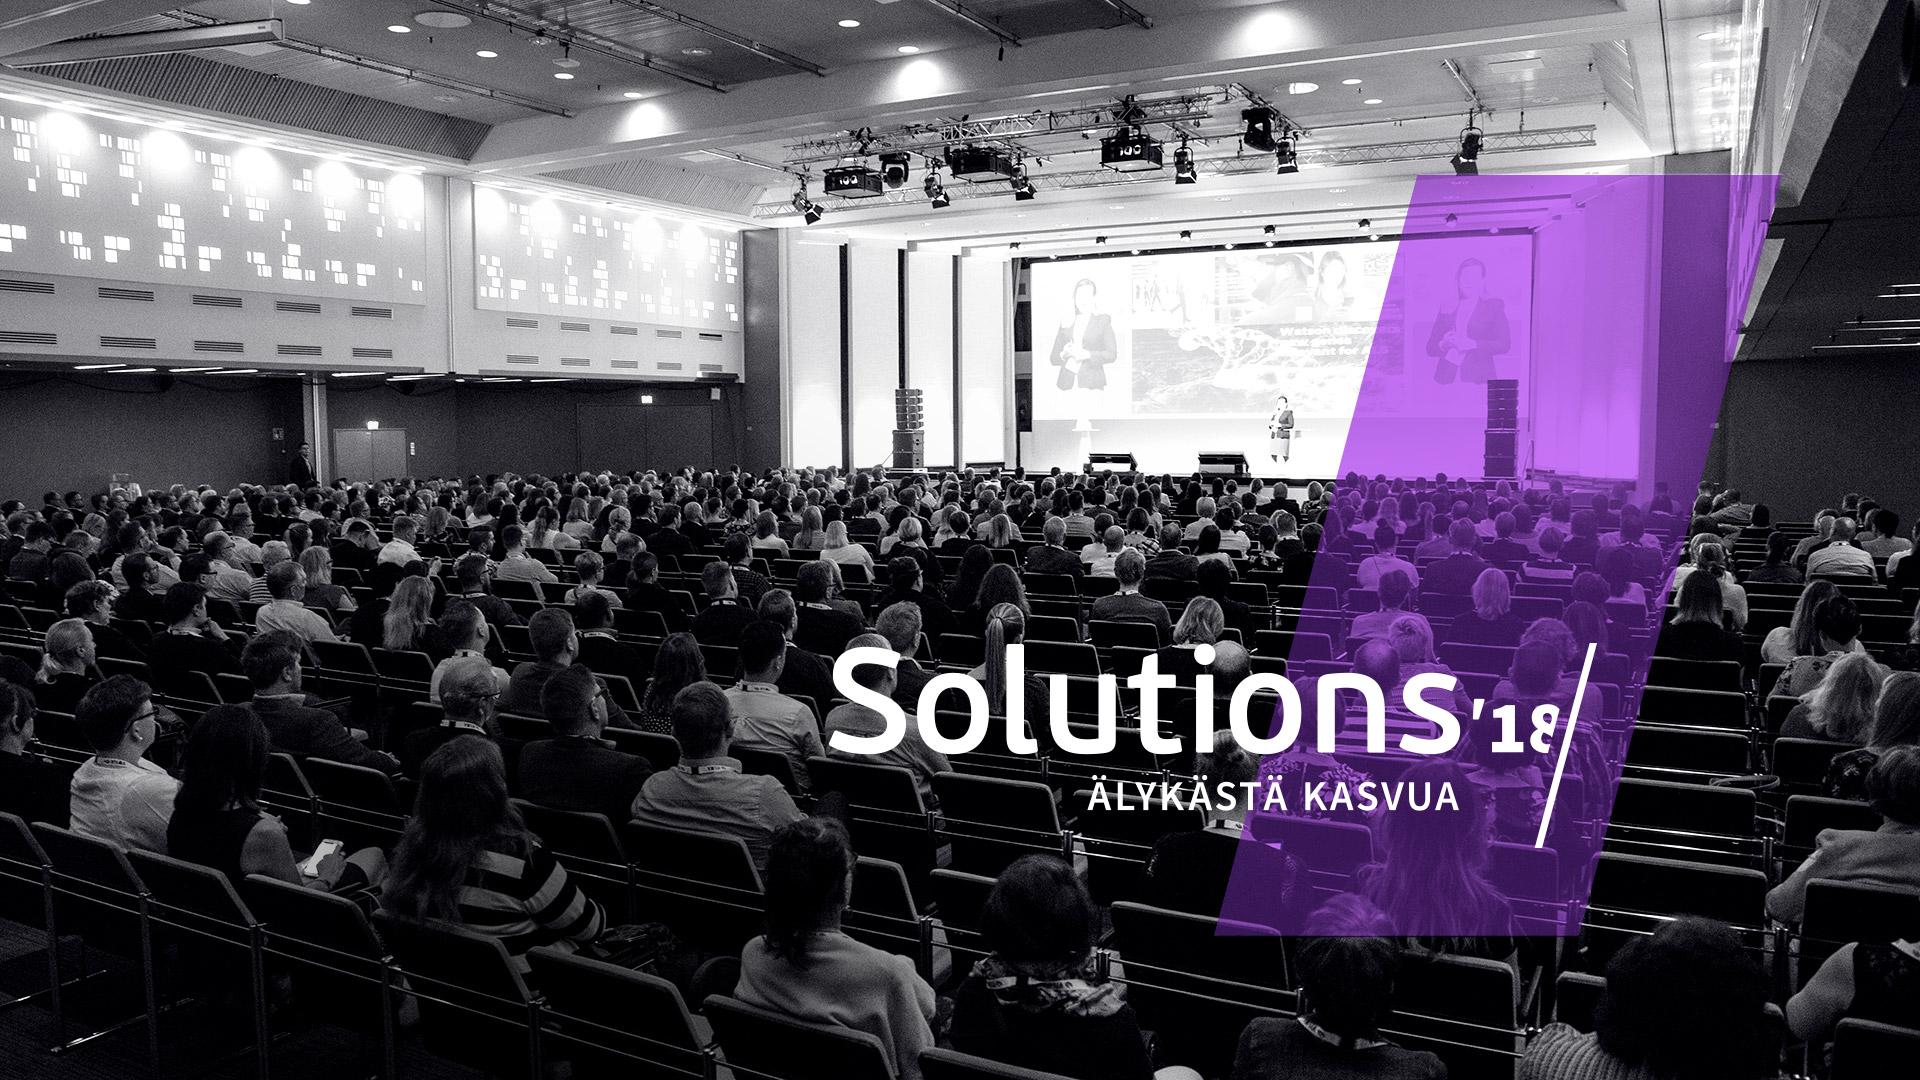 Vuoden tilitoimisto valittiin Solutions'18 -tapahtumassa